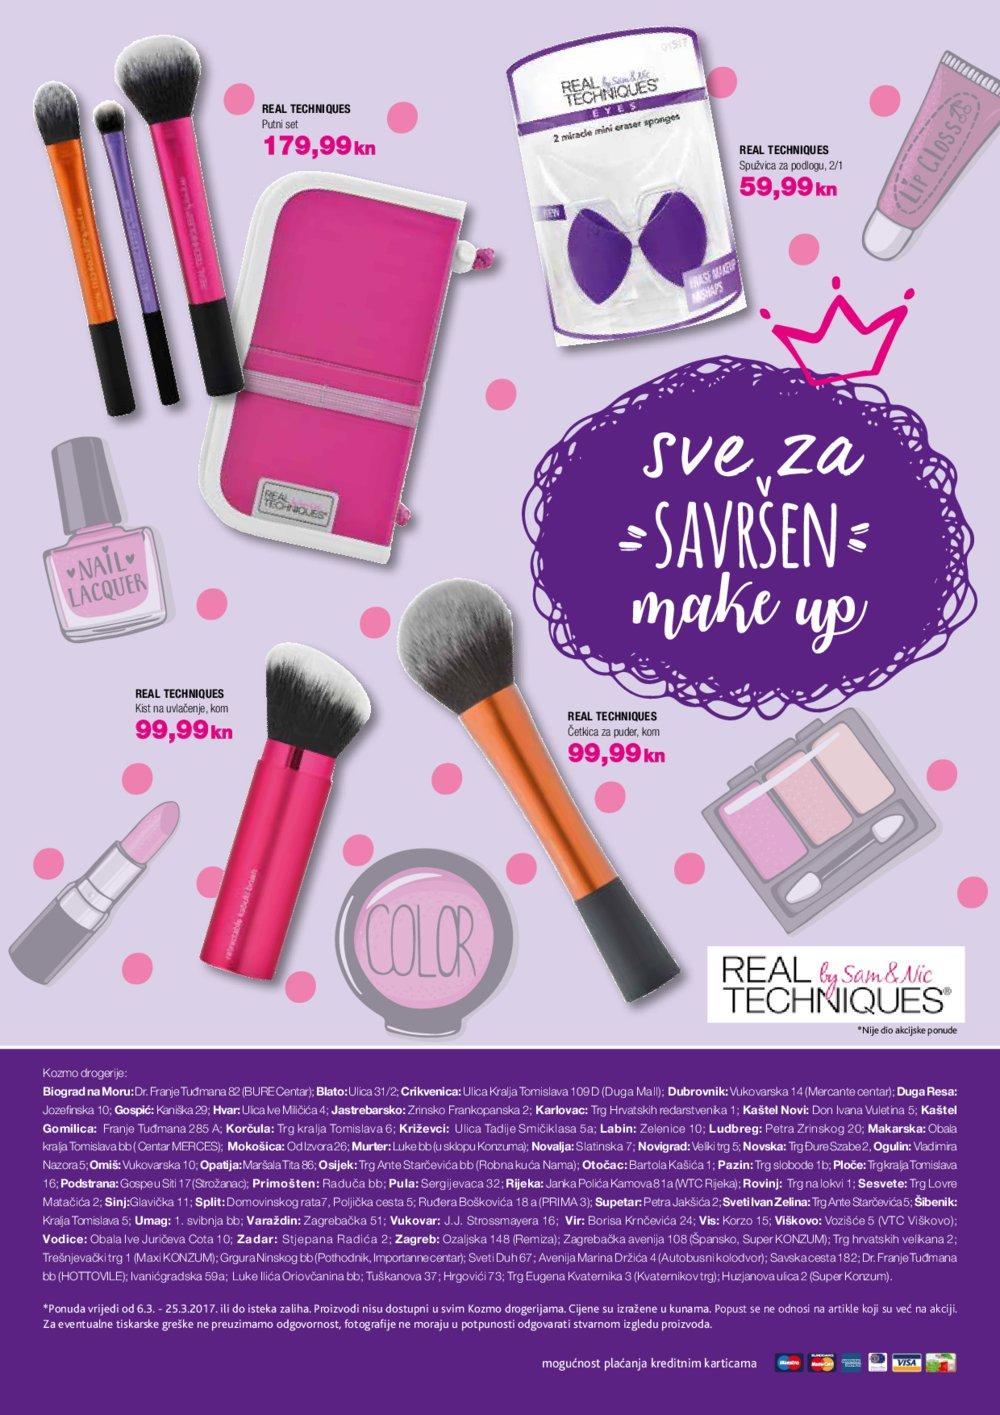 Kozmo katalog Beauty by Kozmo do 31.3.2017.